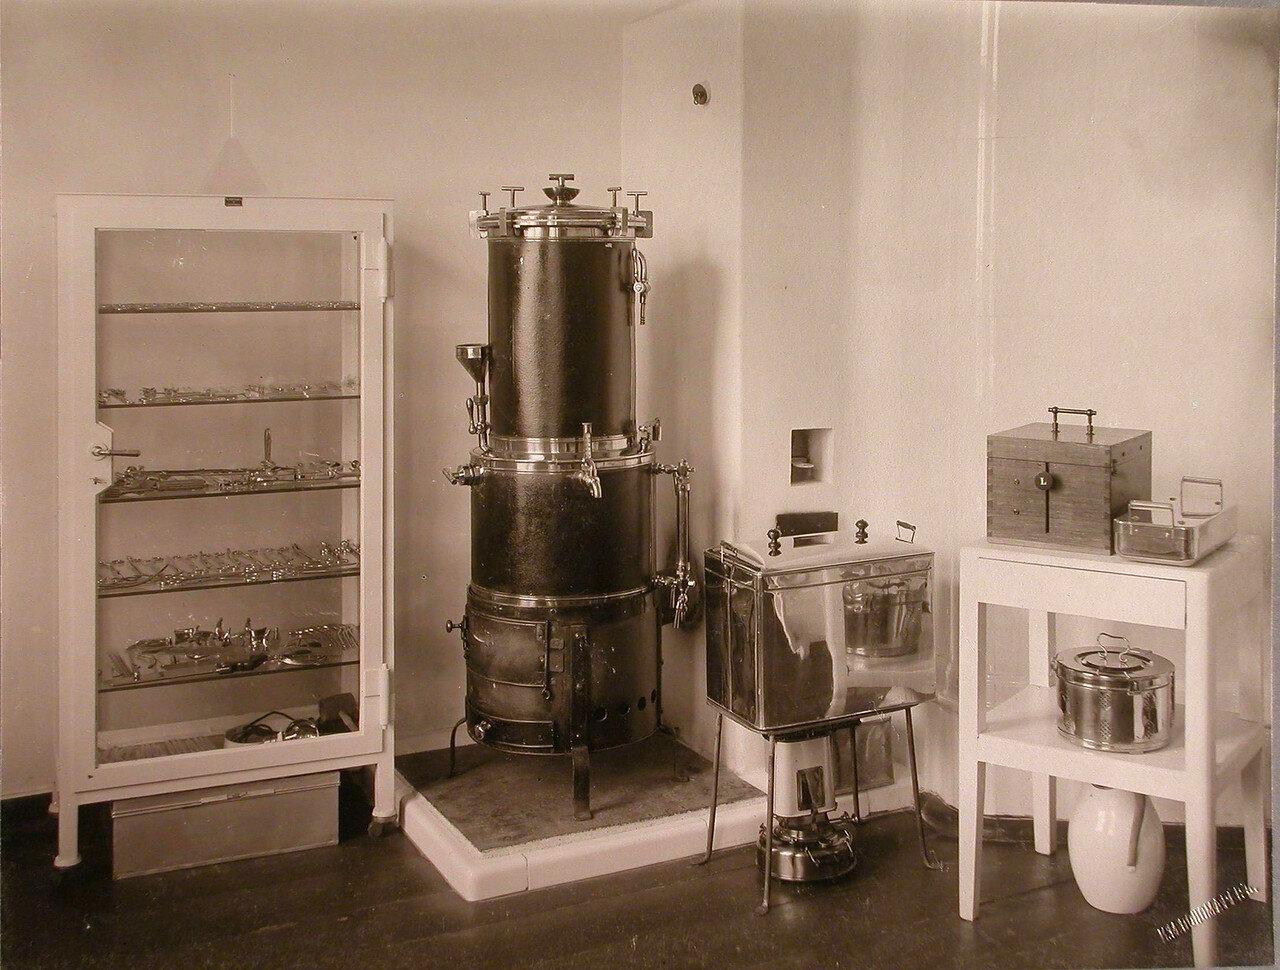 36. Вид части стерилизаторской комнаты в помещении больницы